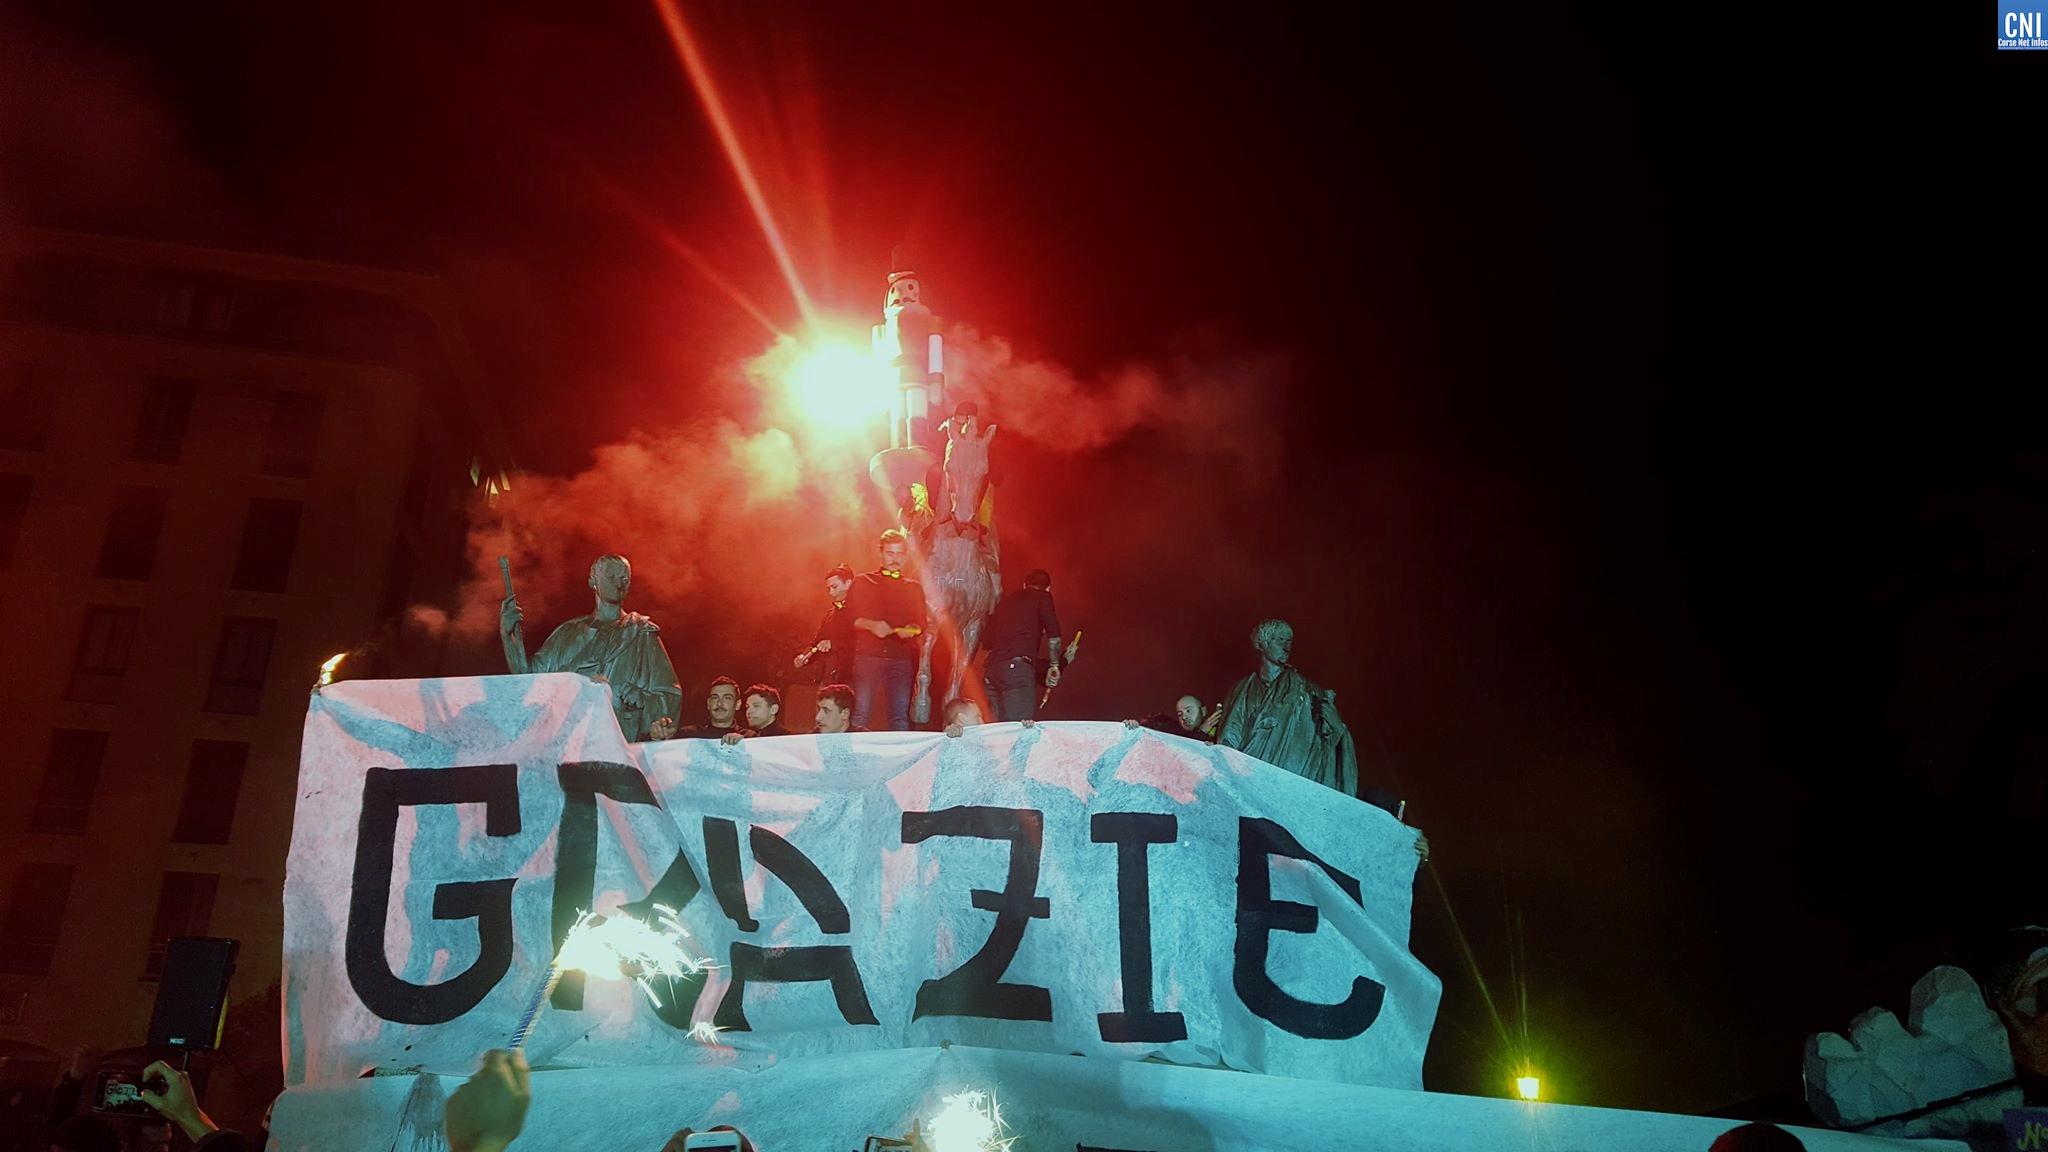 Les fumigènes ont éclairés la place du diamant dimanche soir / Photo Michel Luccioni